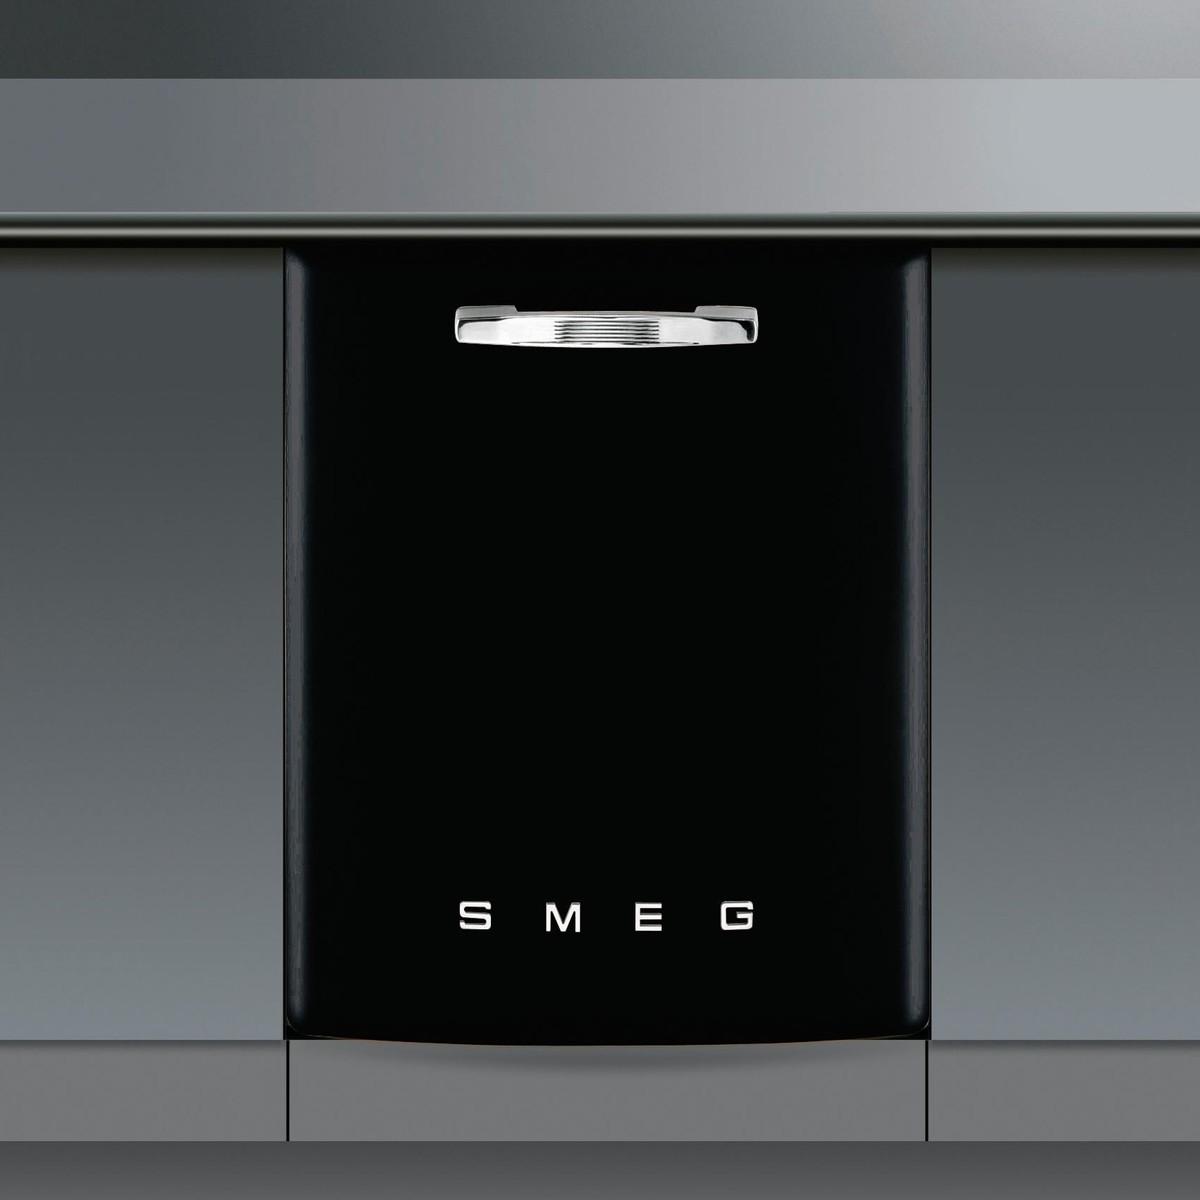 st2fab lave vaisselle int grable smeg. Black Bedroom Furniture Sets. Home Design Ideas